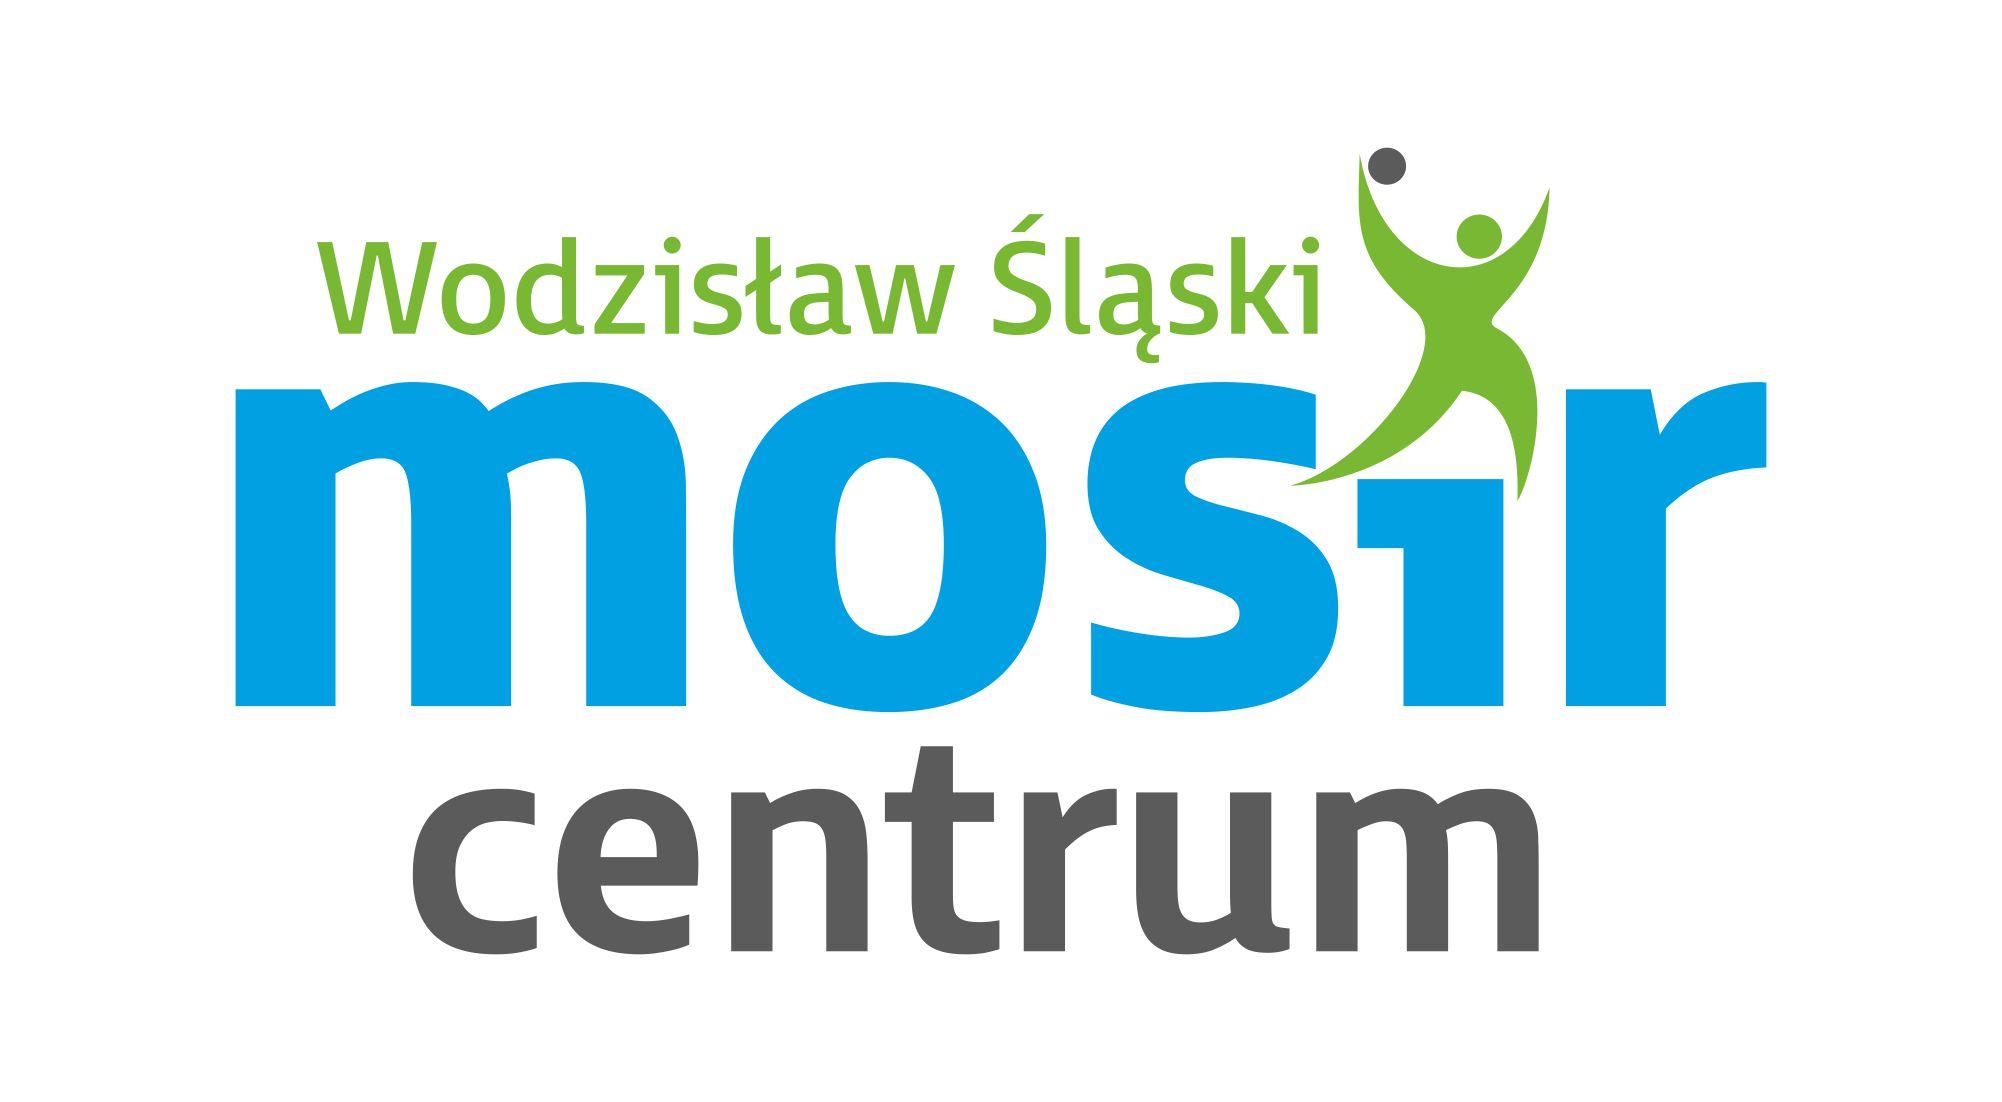 Logo Zawodów I Wodzisławski Duathlon 2020